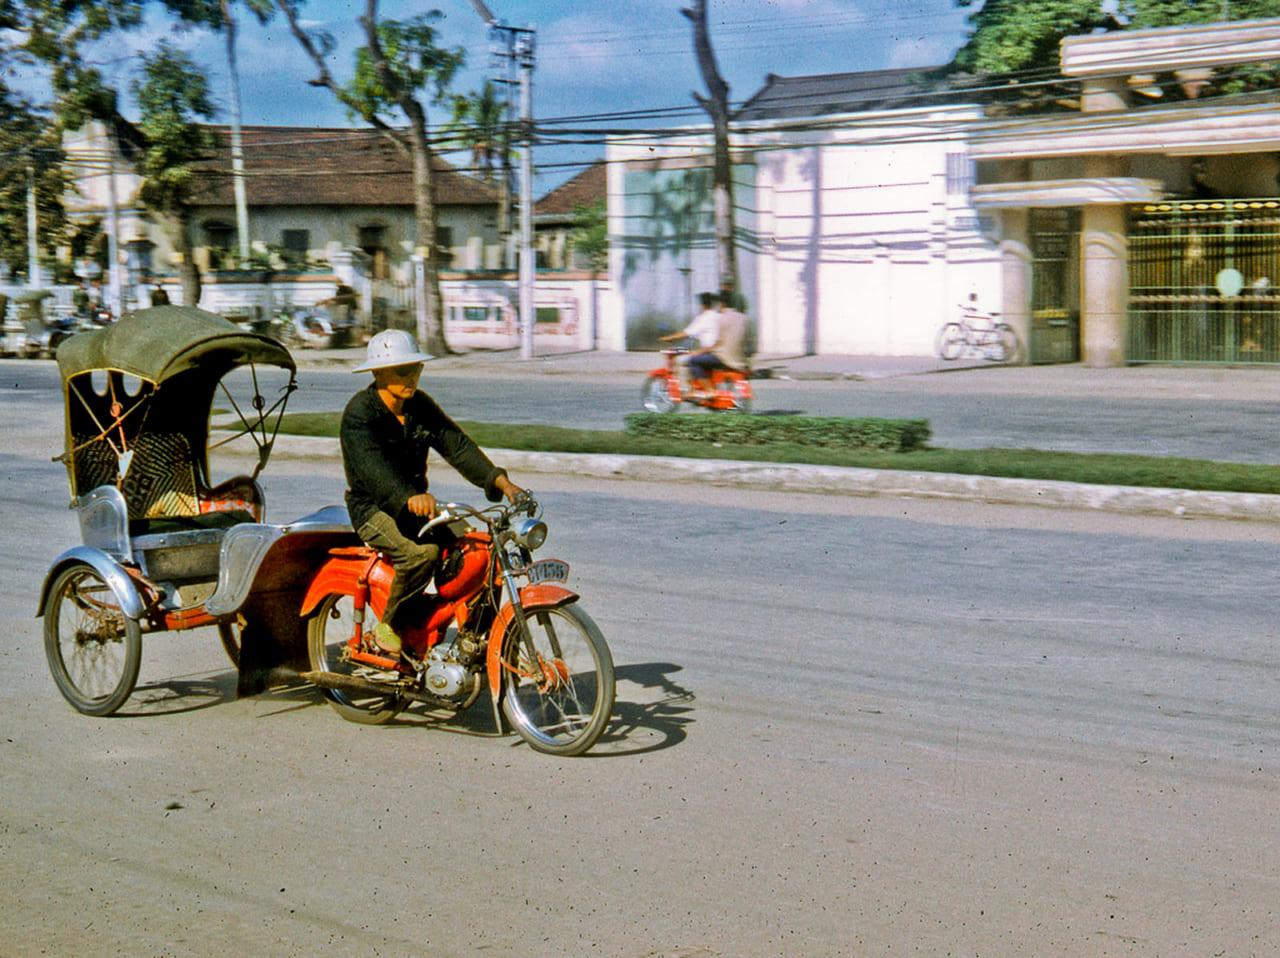 Xe lôi ngày xưa di chuyển trên 1 đại lộ ở Cần Thơ năm 1968